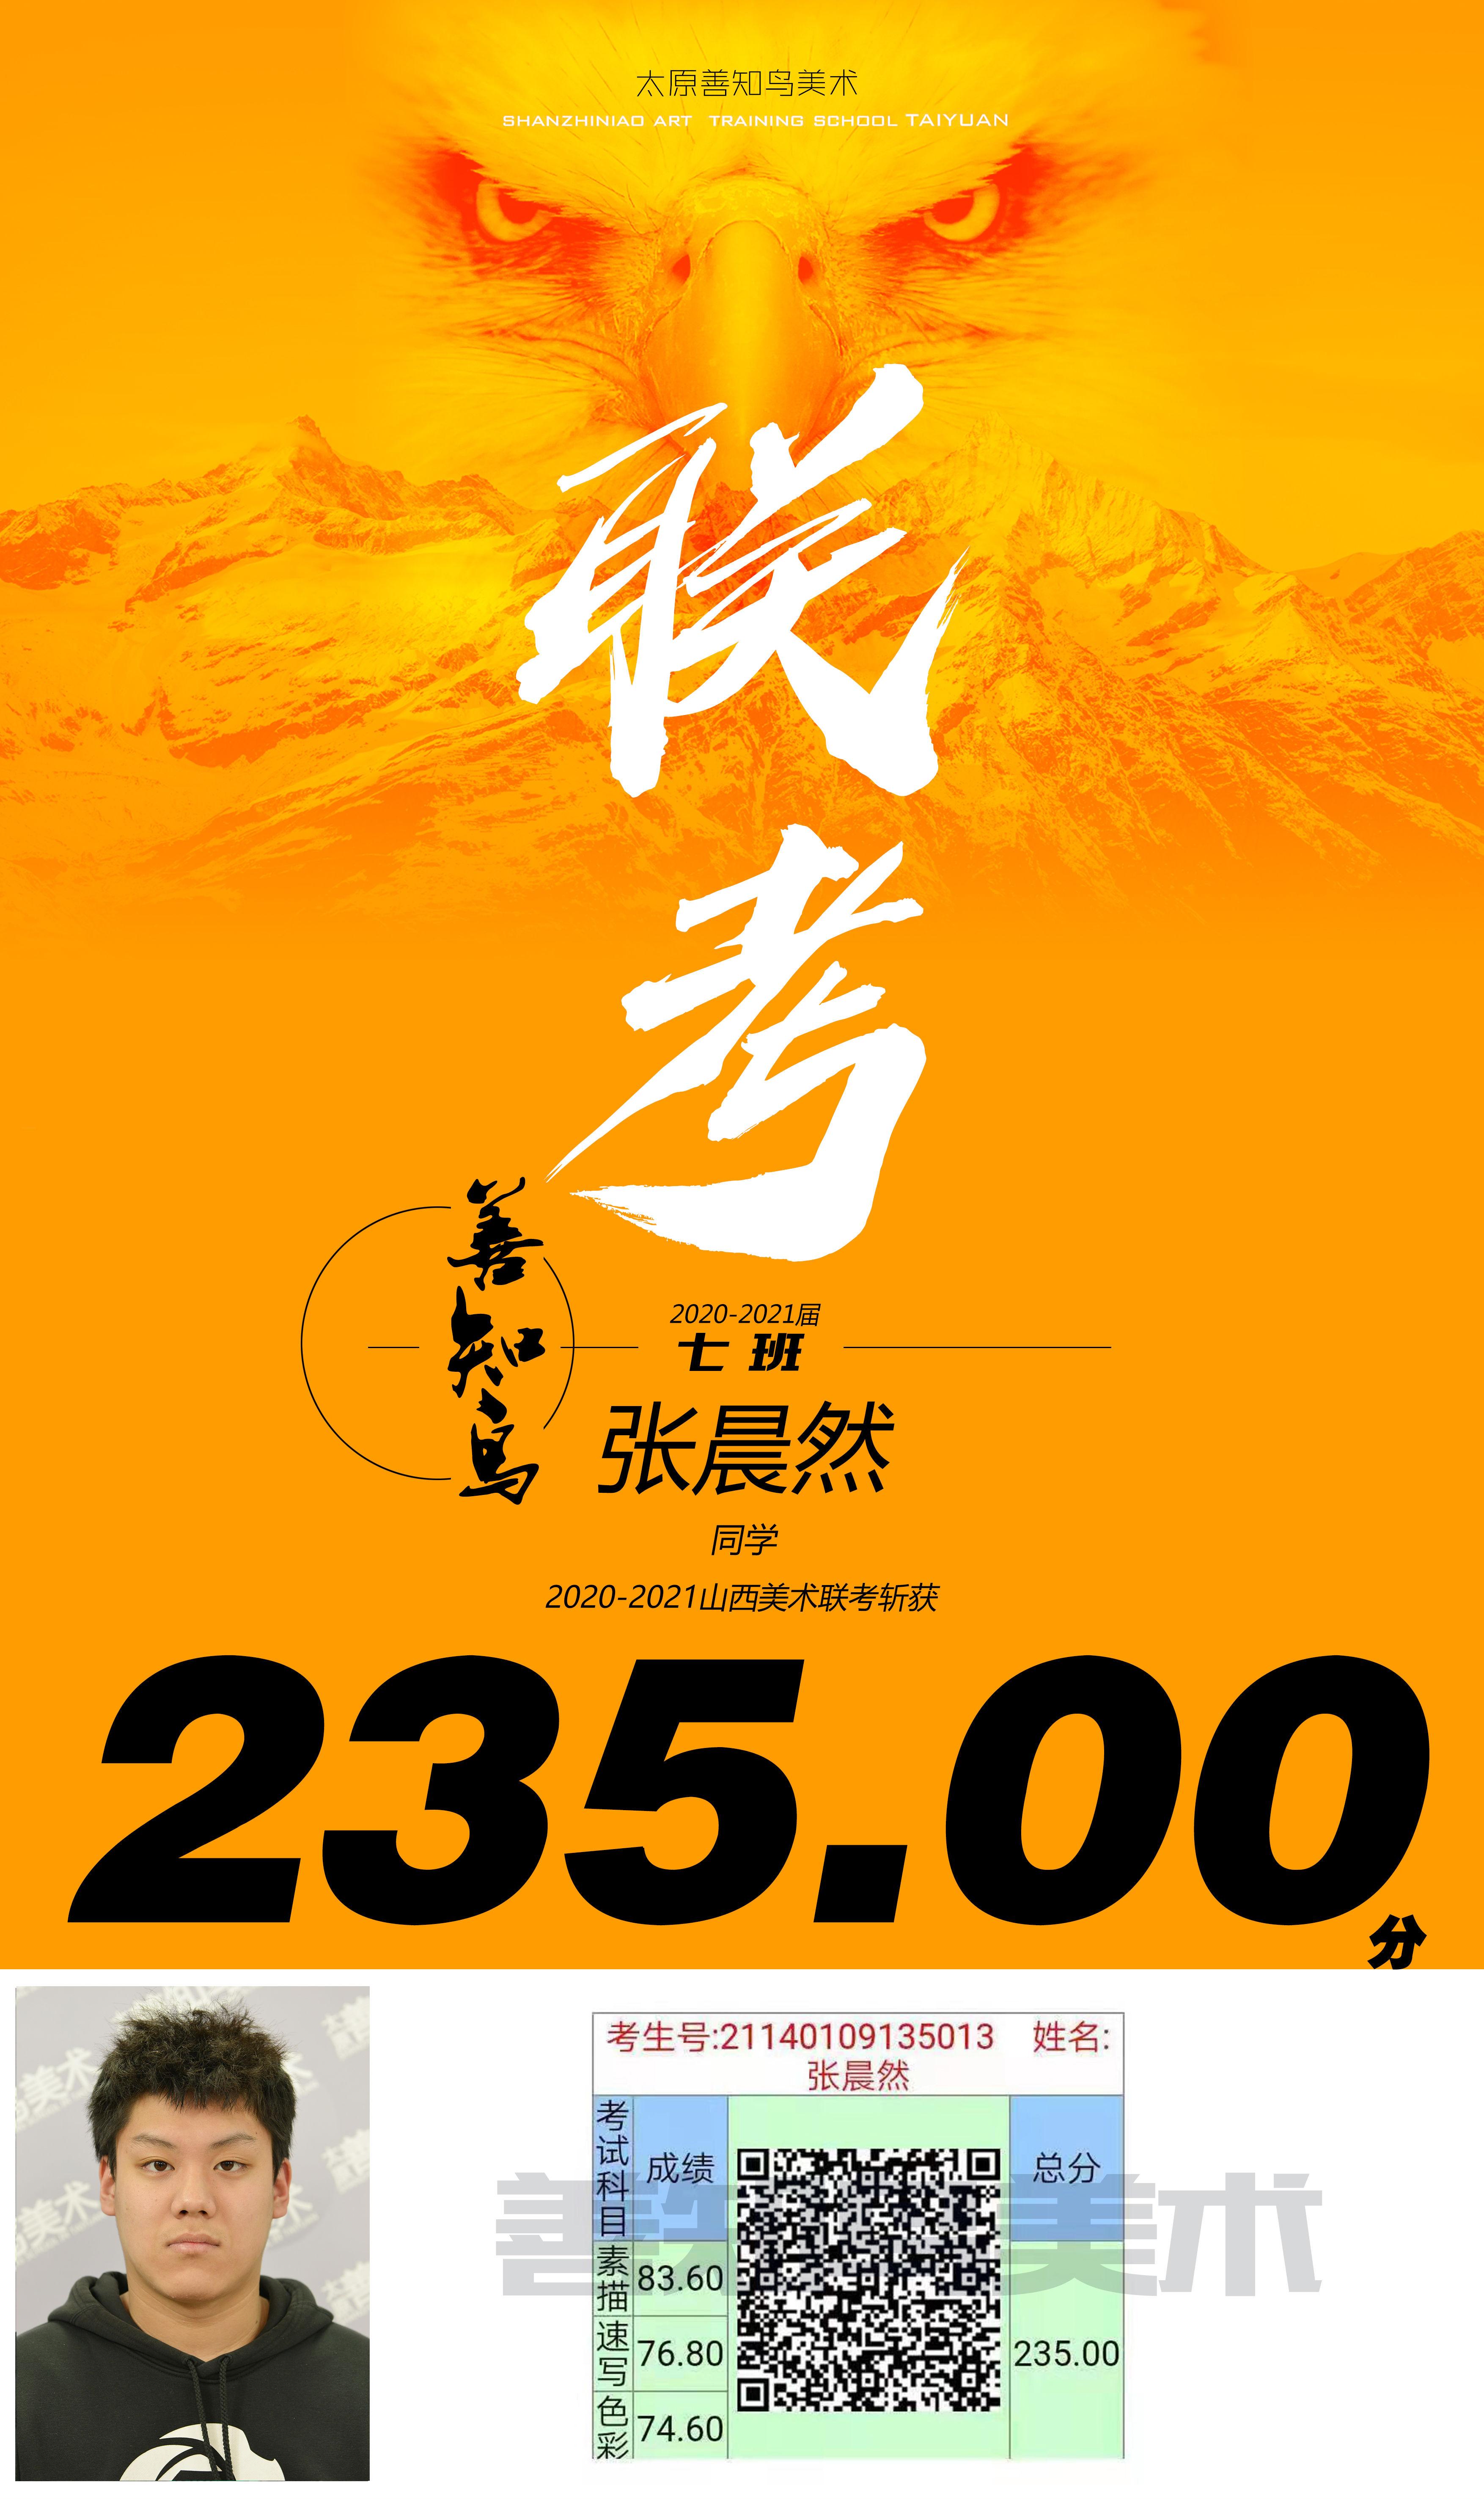 235.00张晨然.jpg